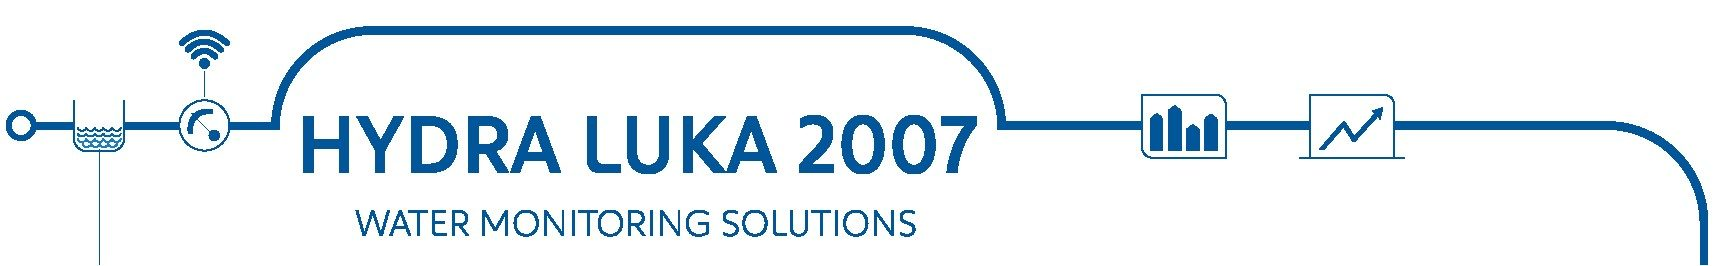 HYDRA LUKA 2007